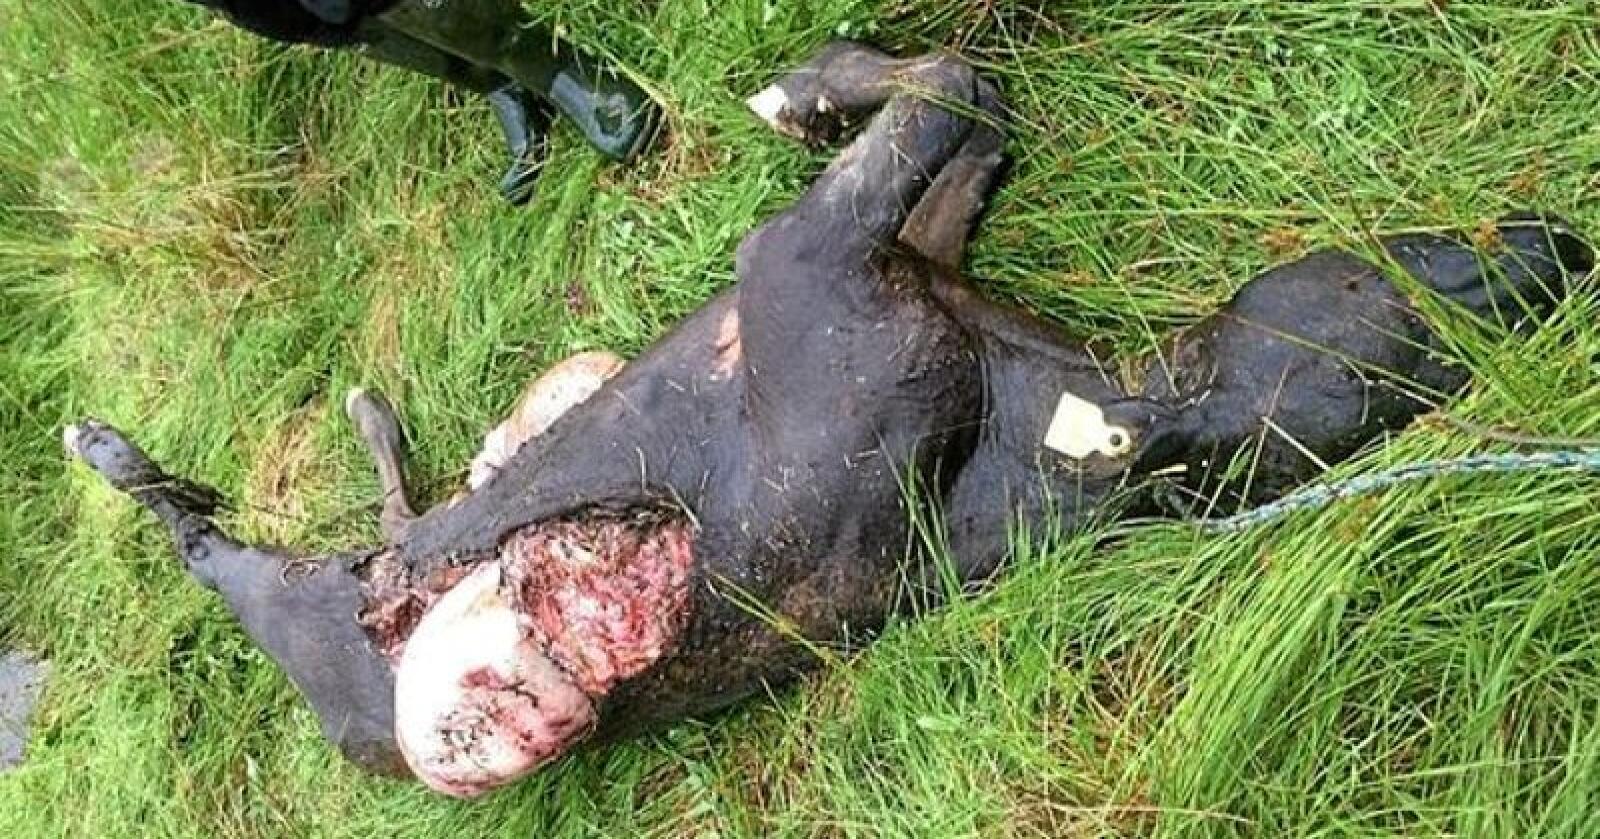 Den danske bonden Bo Christensen og sønnen hans fant kua slik på beite. Han tror det er en ulv som har drept kua. Foto: Bo Christensen